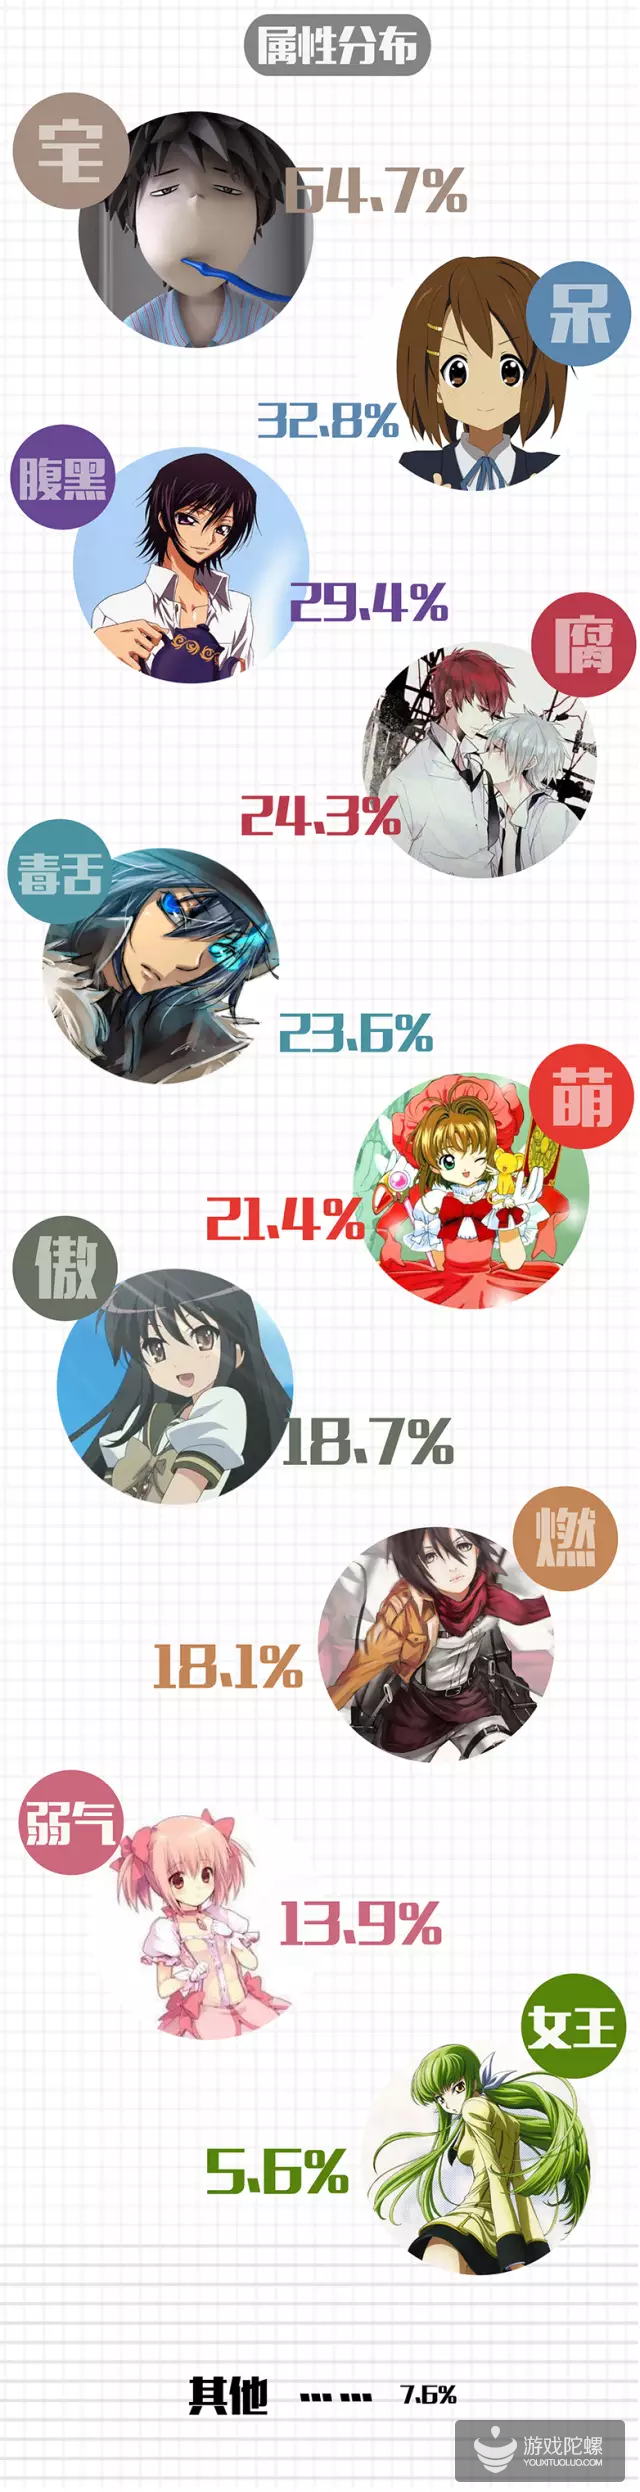 中国二次元用户报告:男女六四分 超80%是学生党